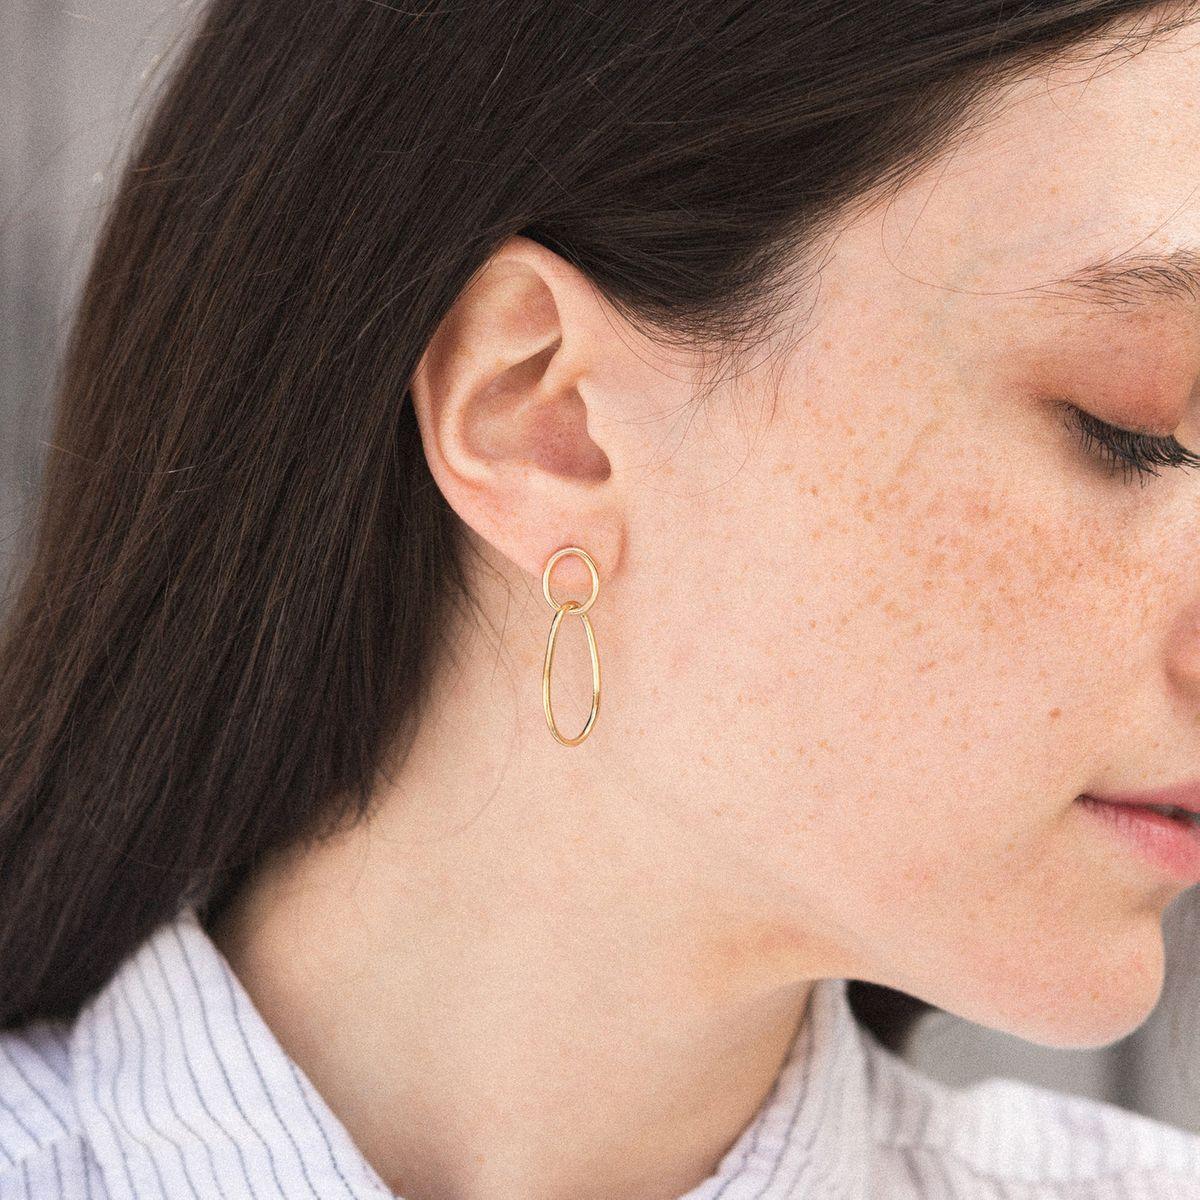 Solid silver earrings designer jewelry trendy earrings dainty earrings